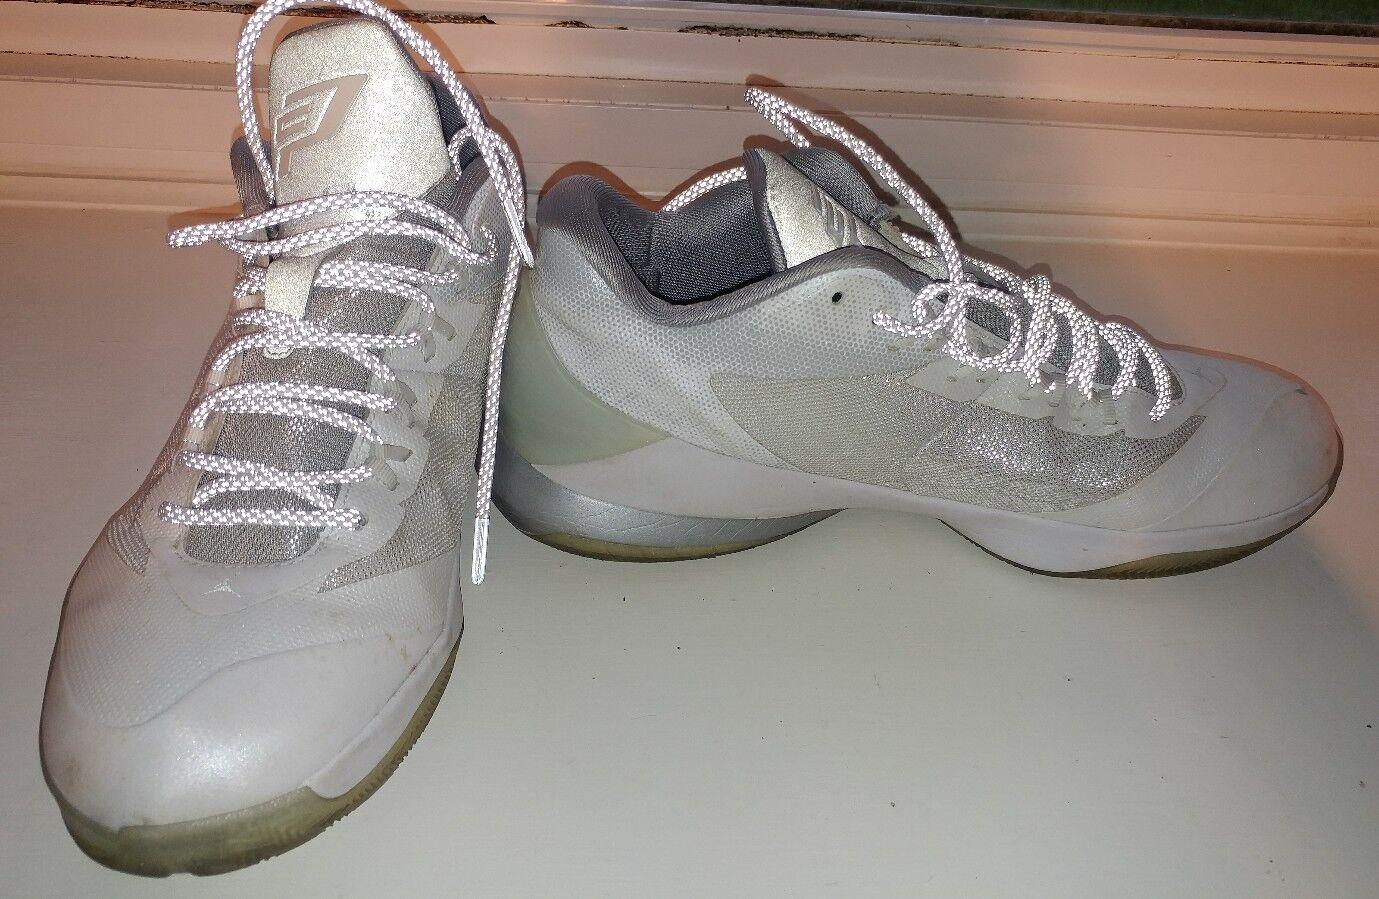 Nike Air Jordan CP3 VIII 8 715852-100 Chris Paul White Pure Platinum Mens 11